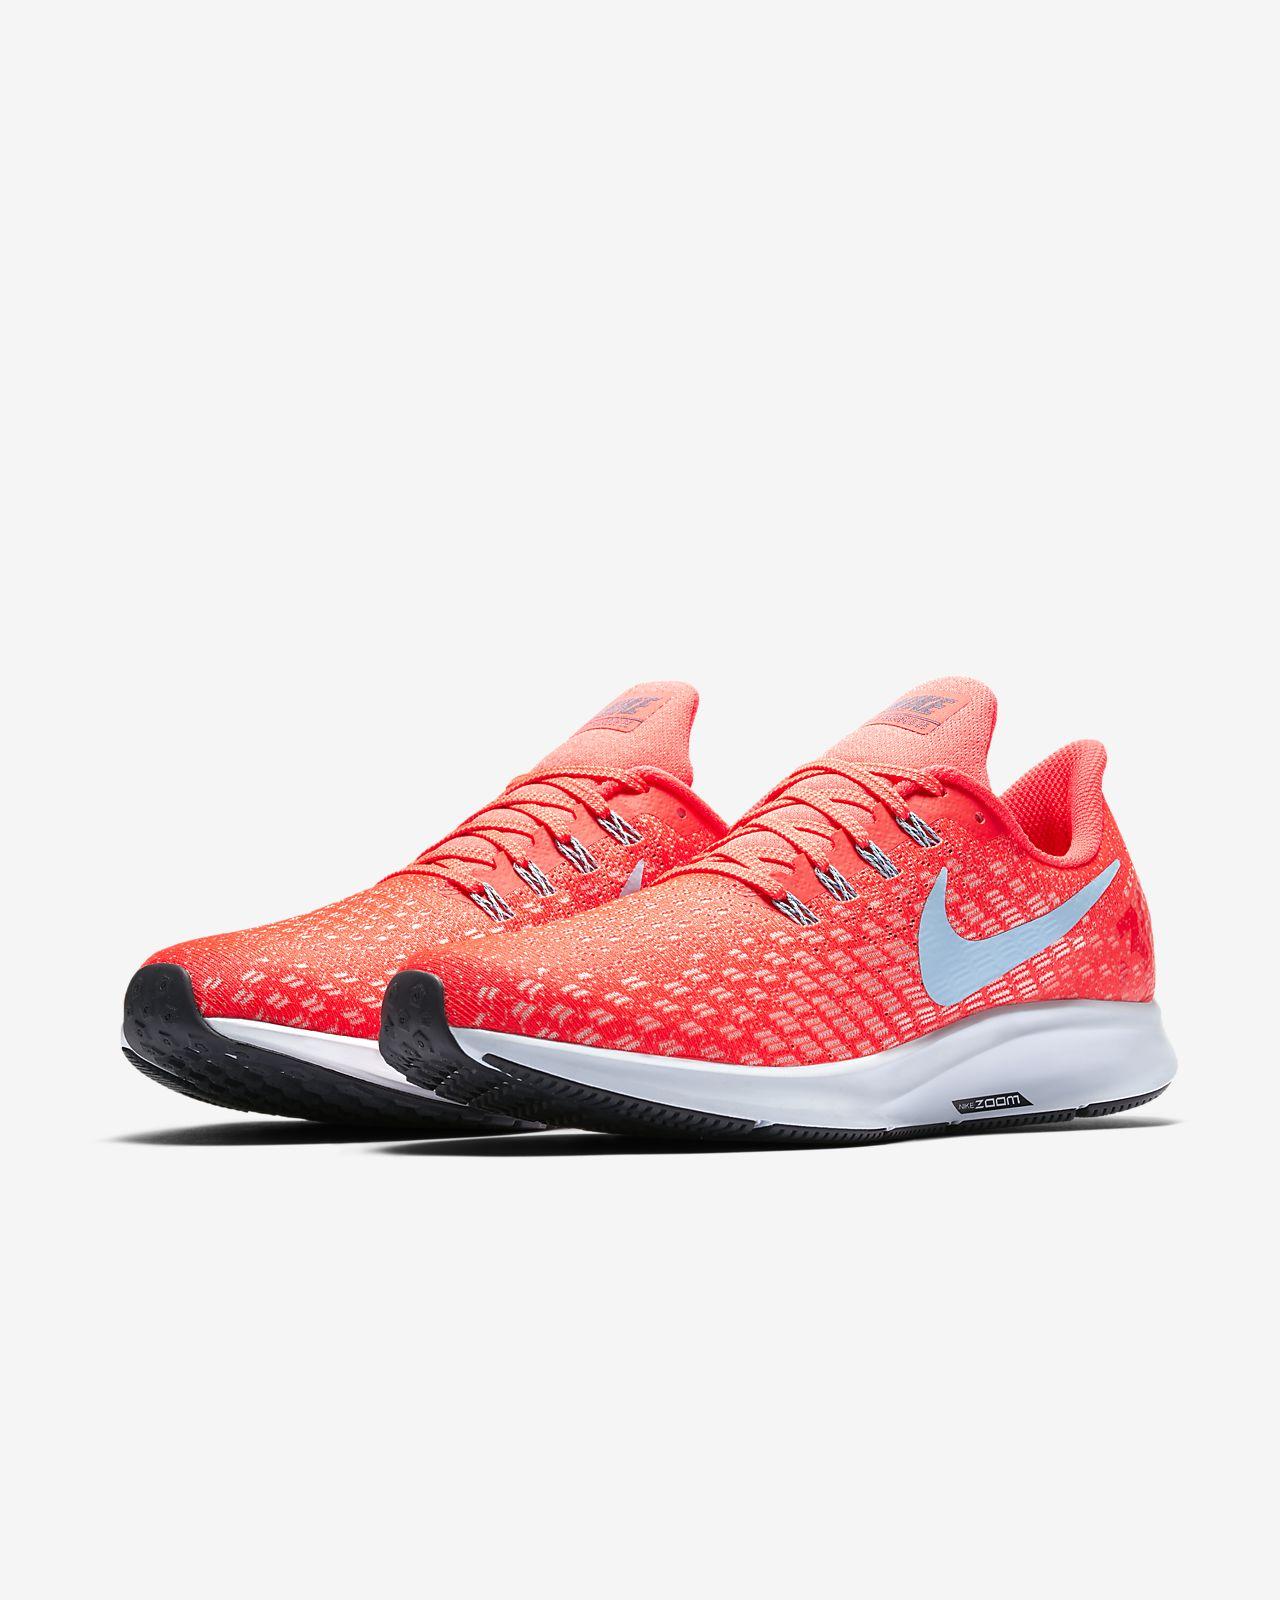 c8cf5d597ec6d Nike Air Zoom Pegasus 35 Men s Running Shoe. Nike.com MY